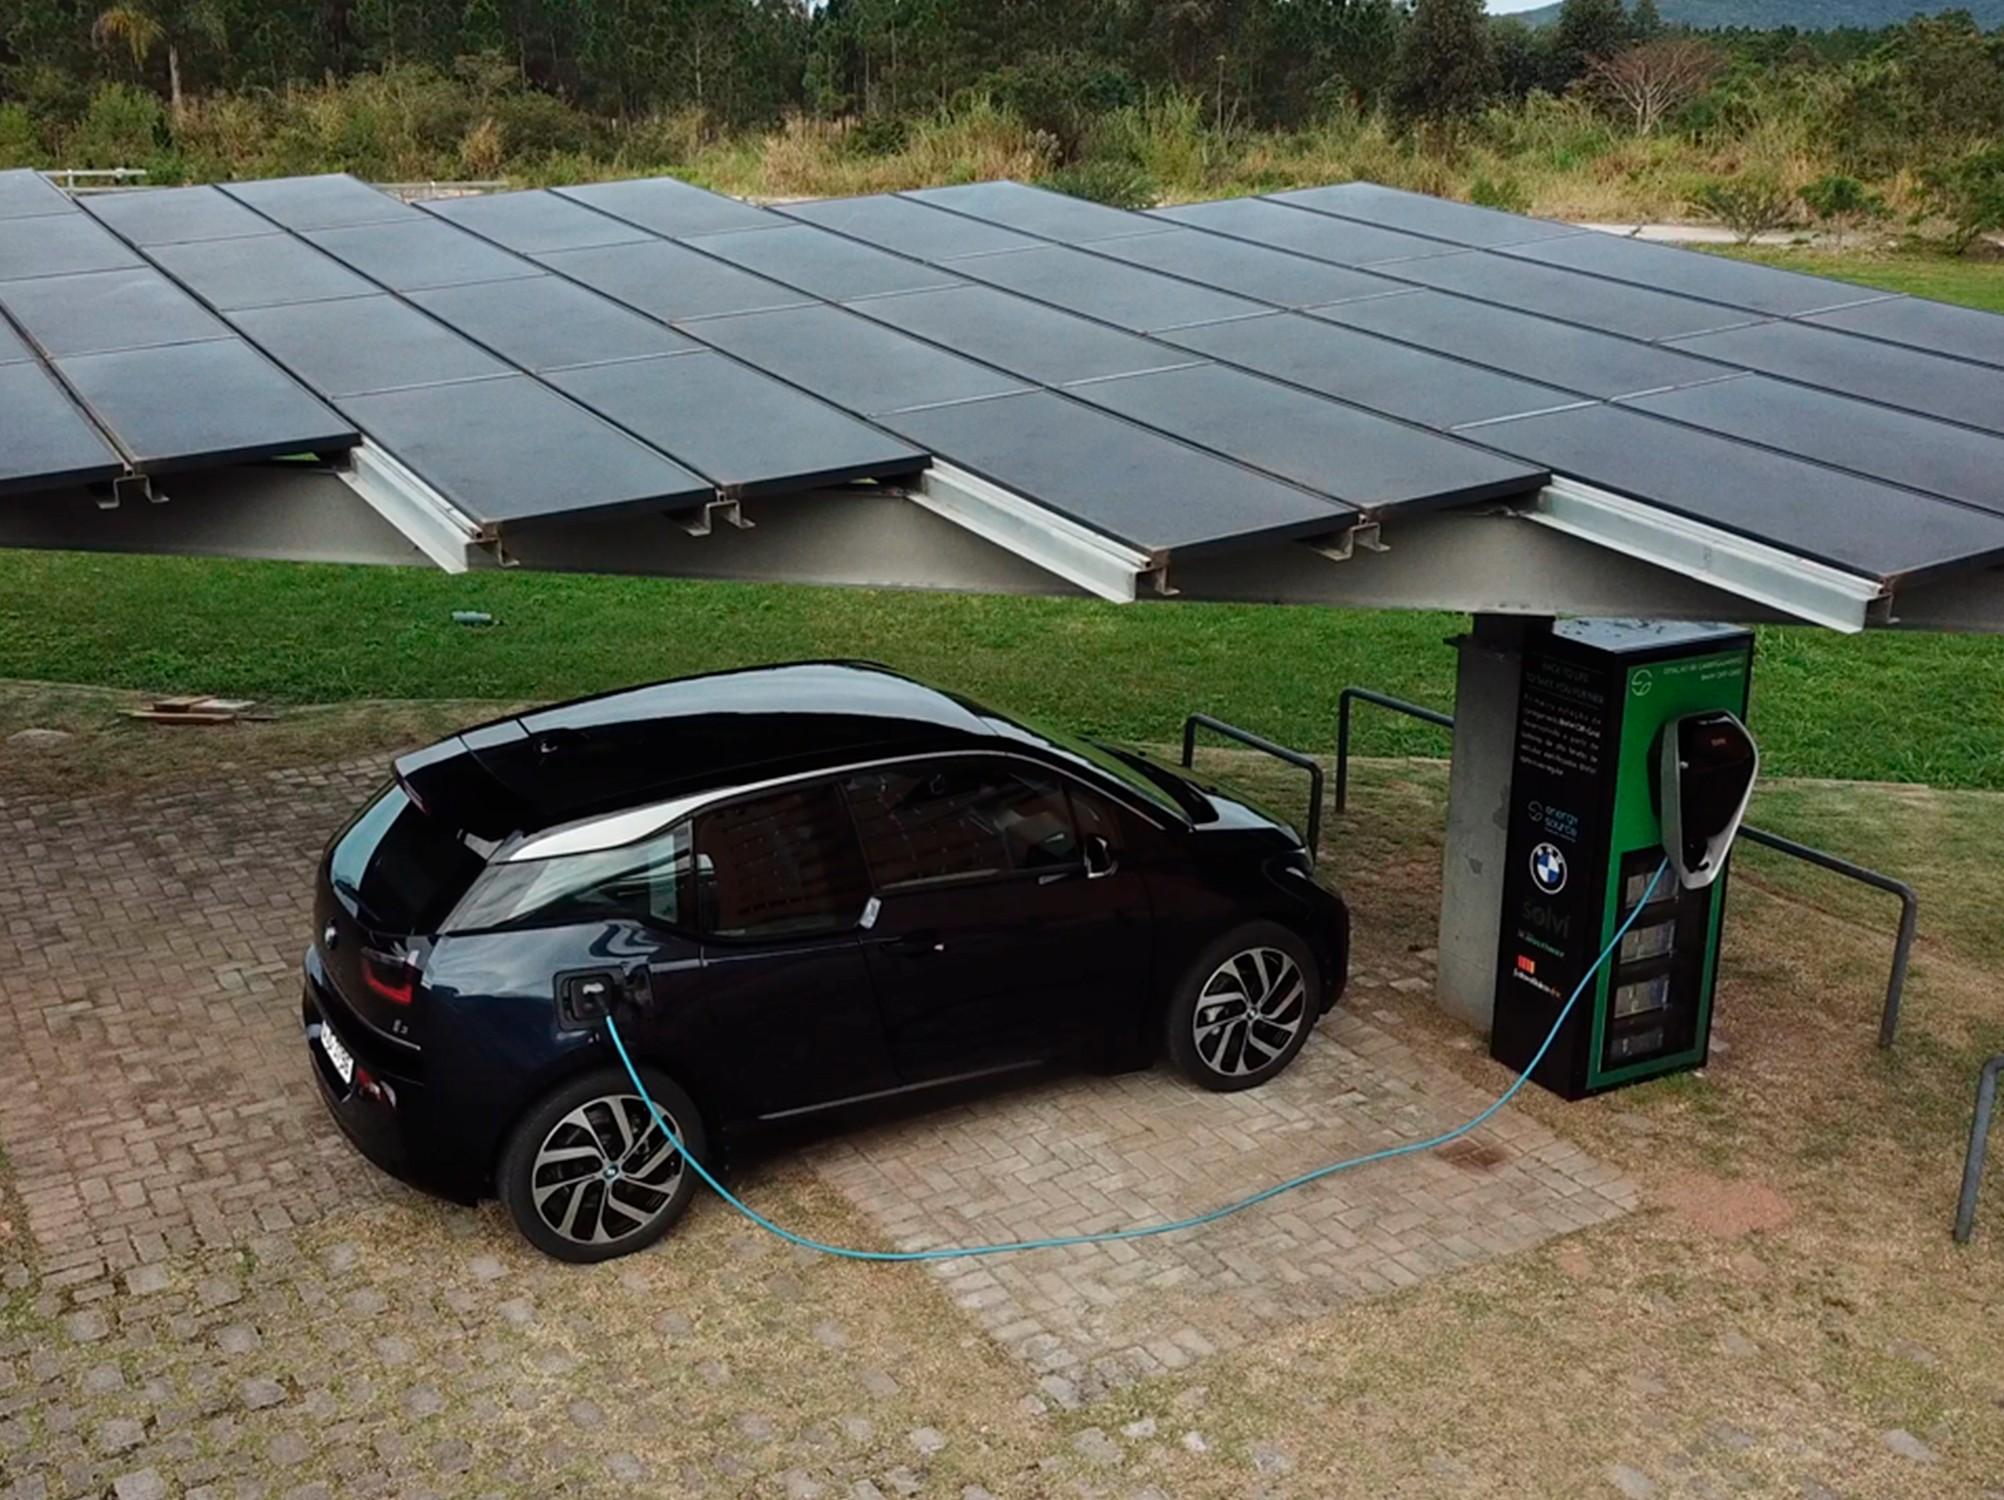 Estações de recarga utilizam sol para ter energia limpa e não depender de rede pública elétrica. (Fonte: BMW Group Brasil/Divulgação)